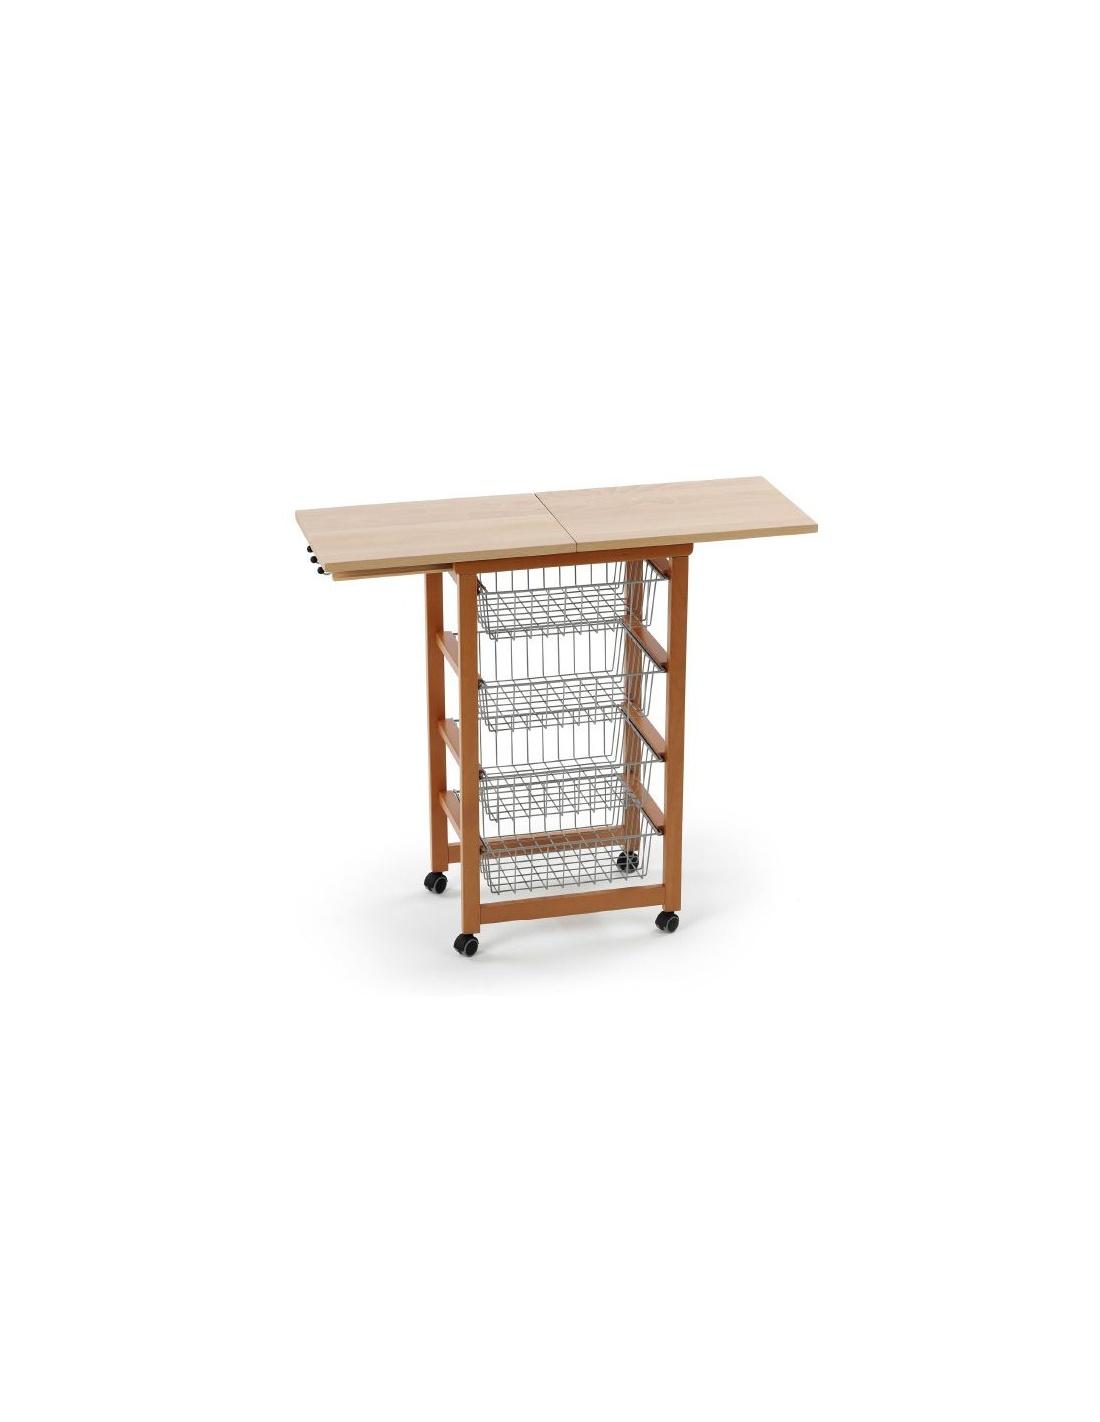 Carrello da cucina in legno mod gastoncino 518 di for Arredamenti legno